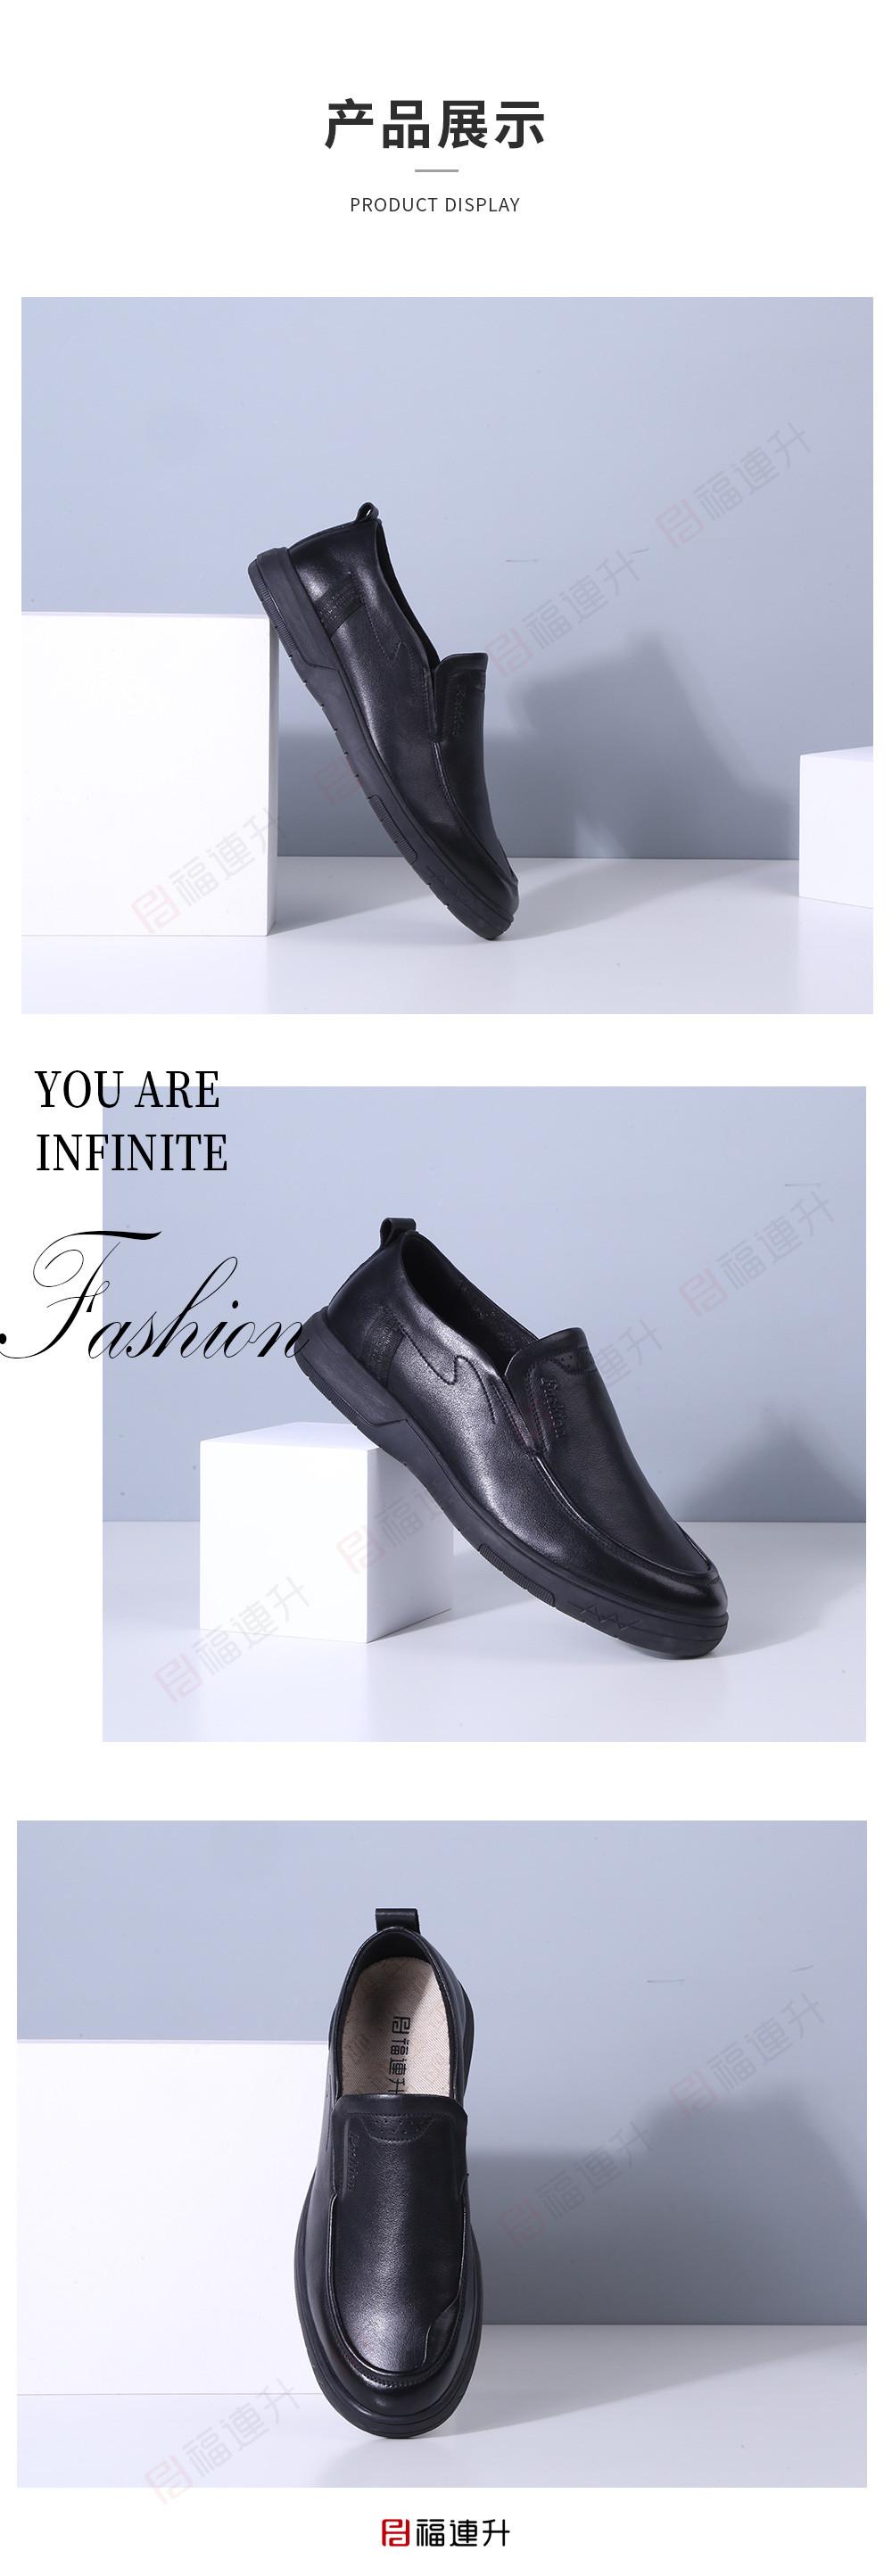 福连升中年商务工作正装休闲男单鞋黑色皮鞋舒适软底图片